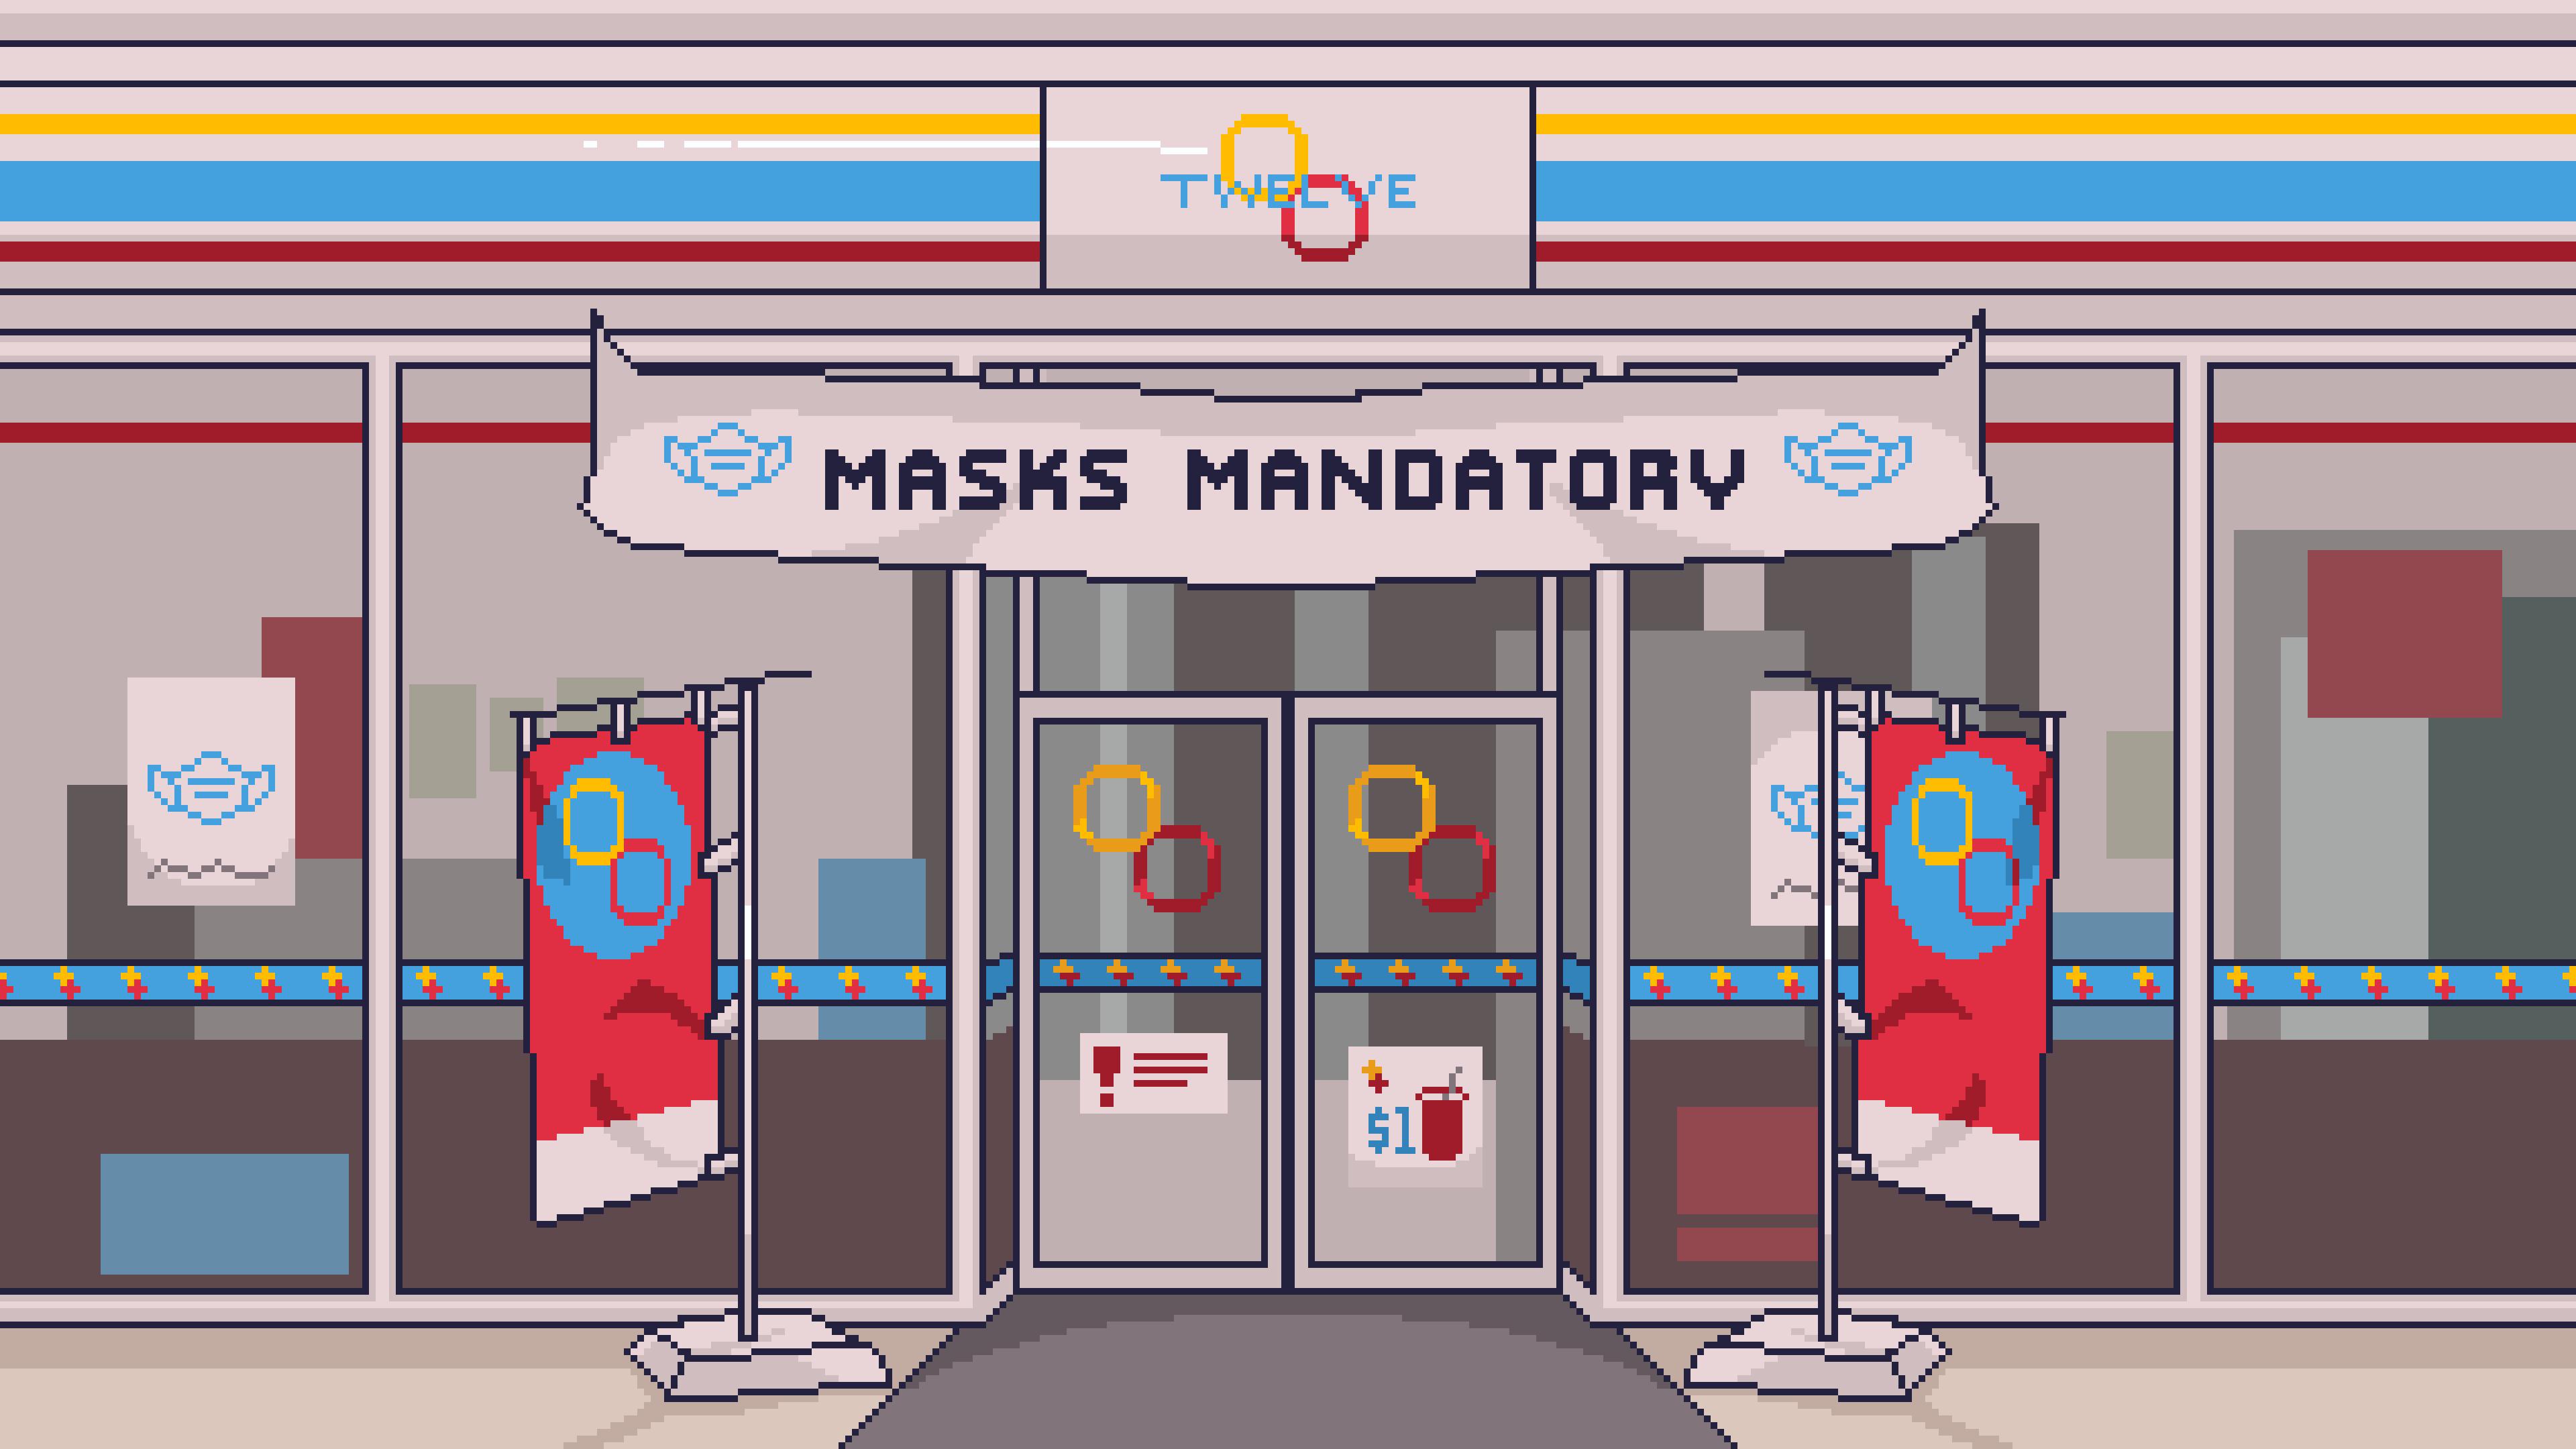 Masks Mandatory